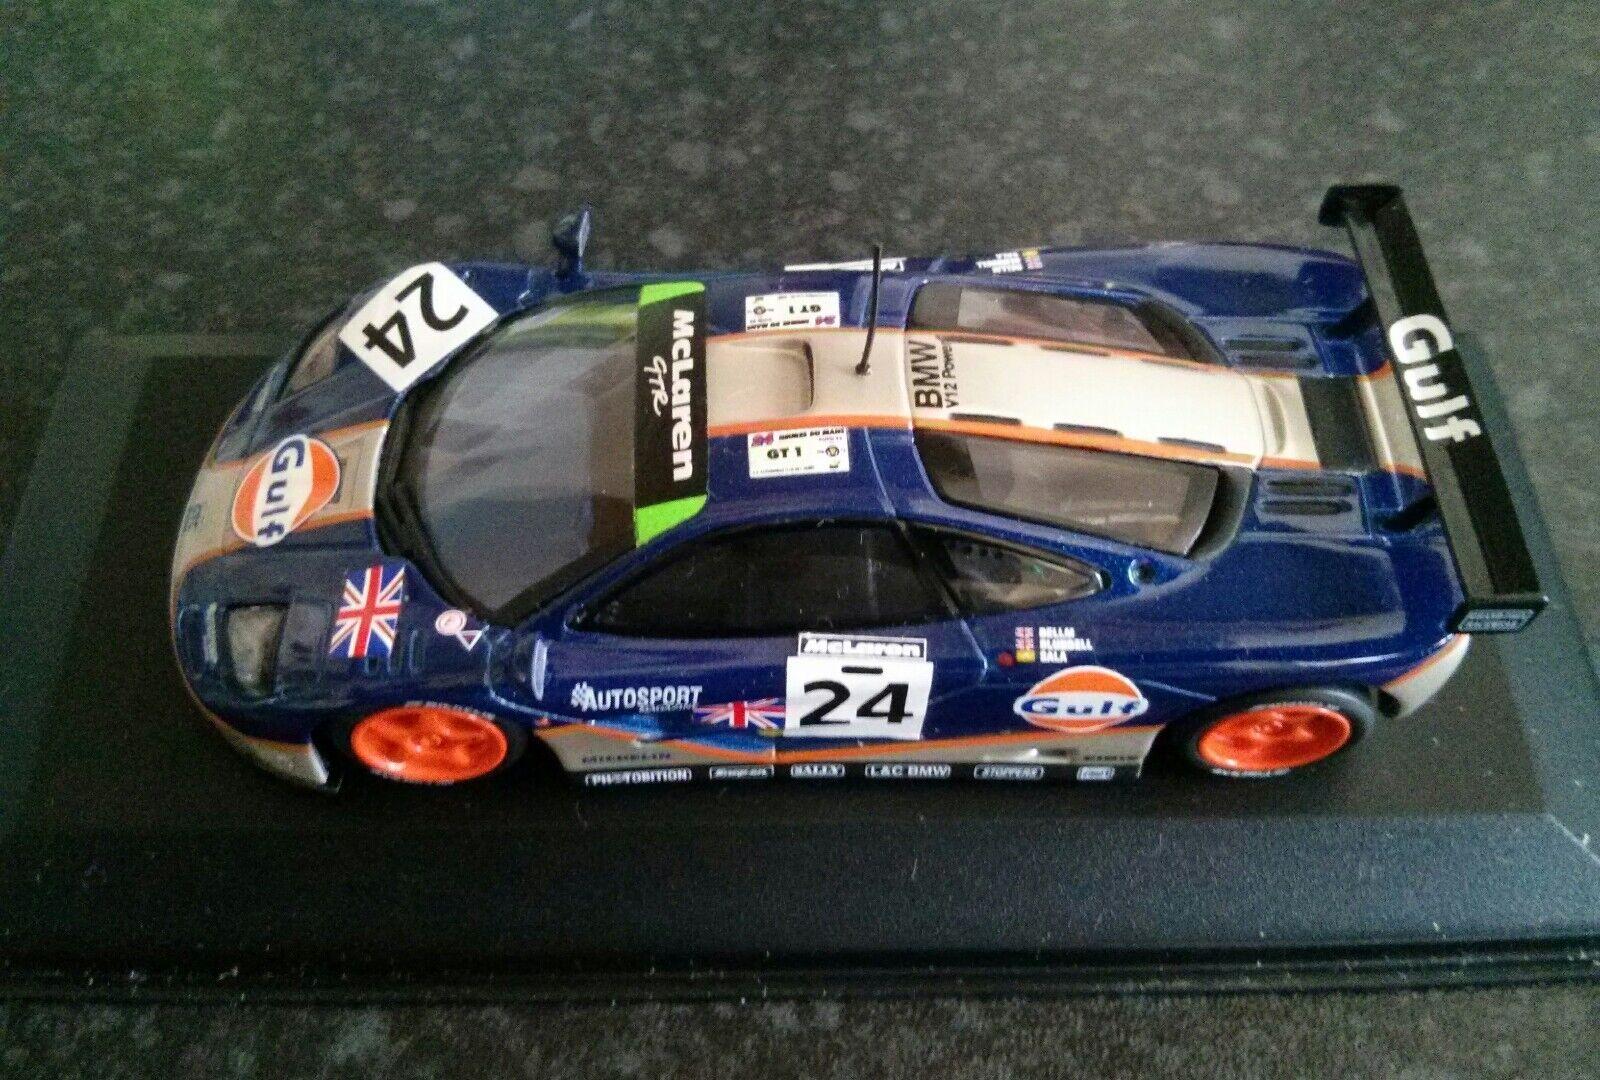 Minichamps 1 43 530 154324 - McLaren F1 GTR LM 24